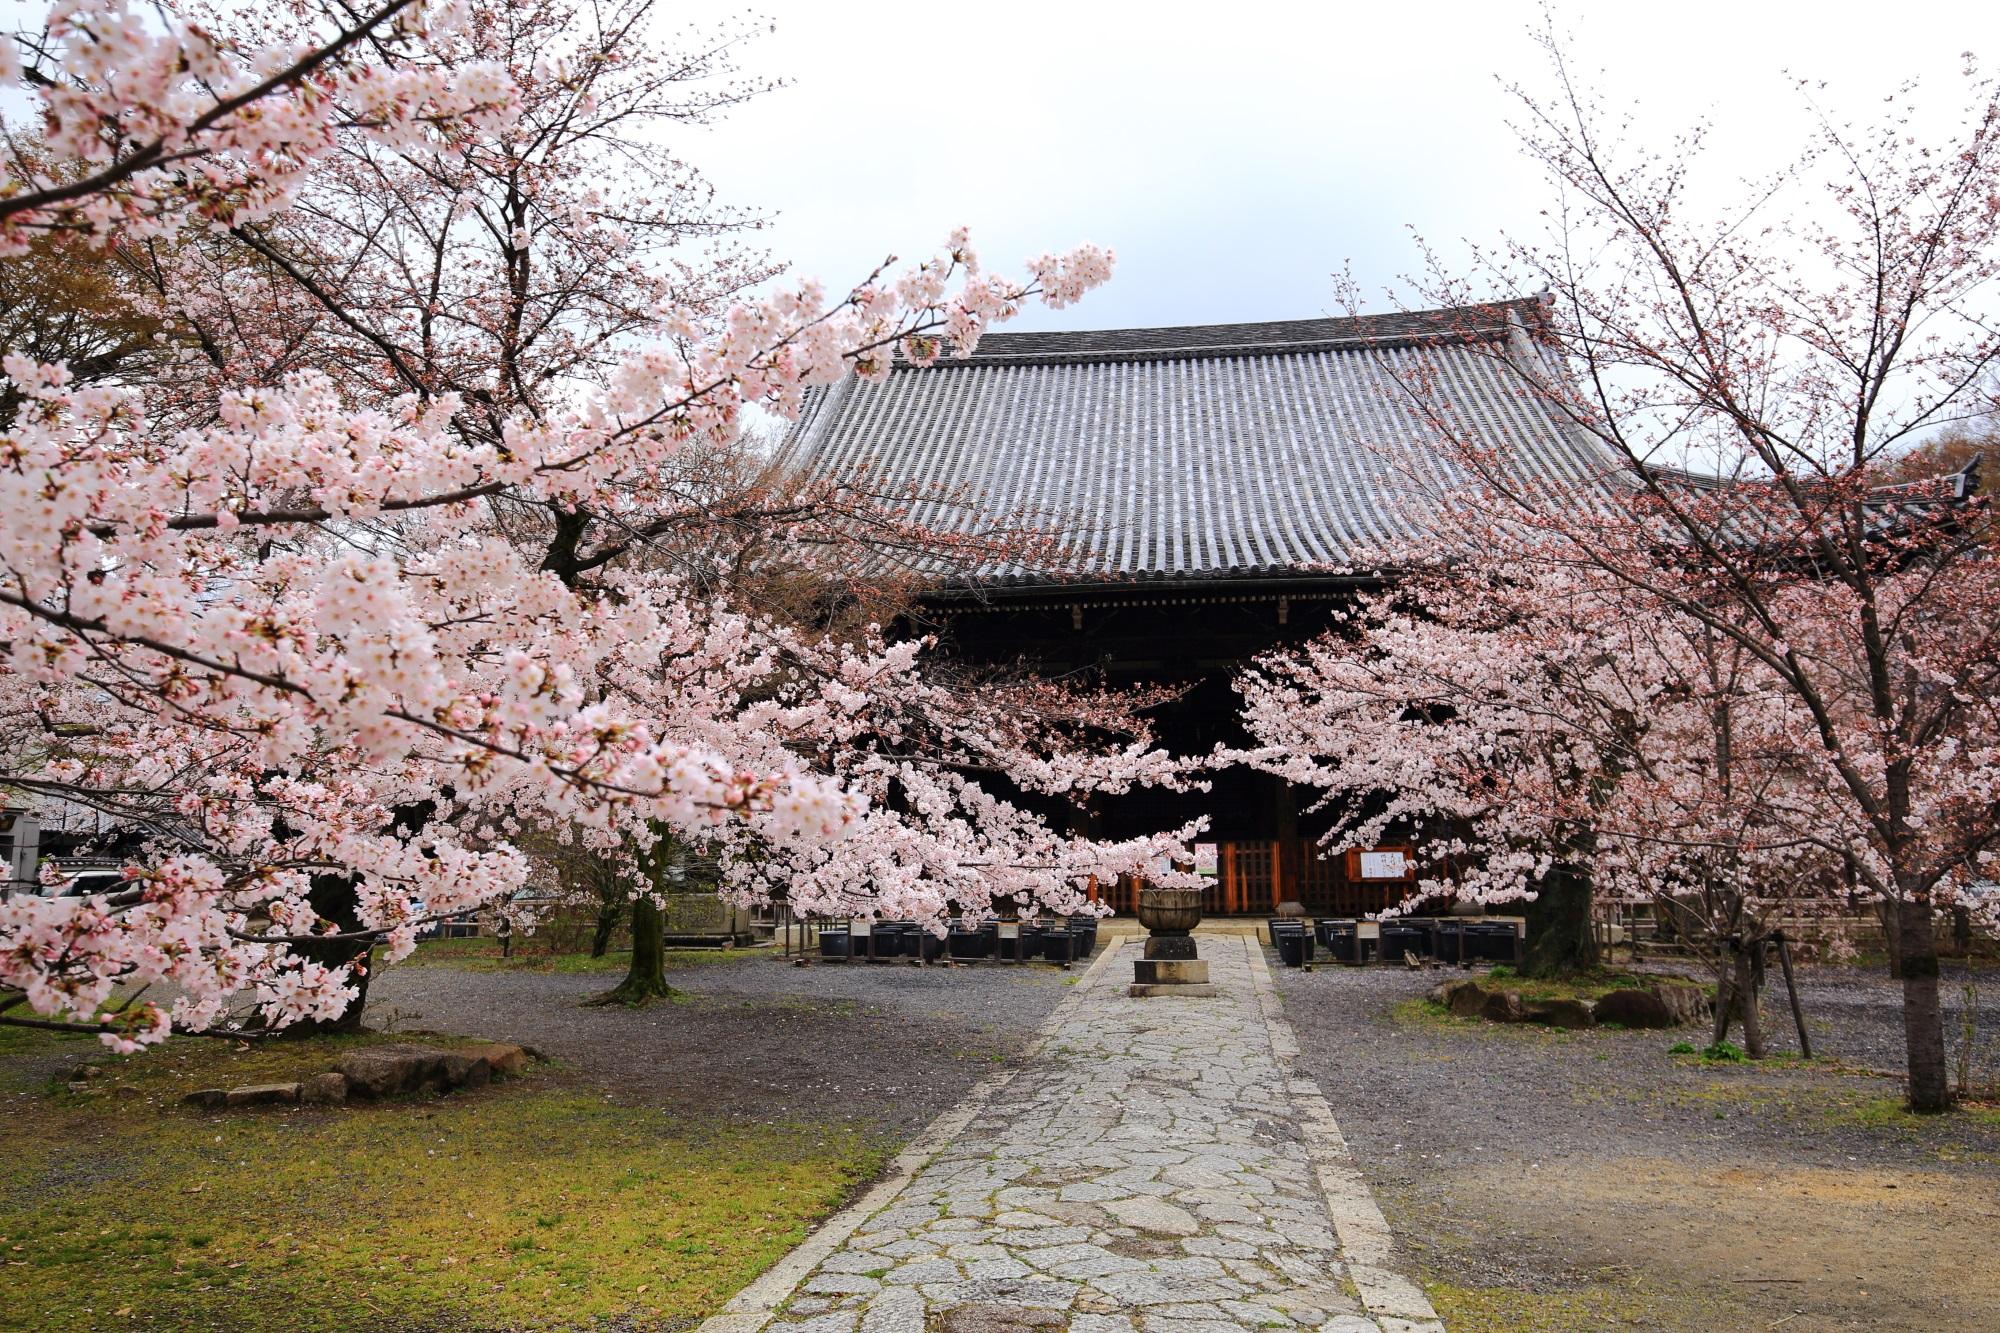 立本寺の本堂と桜